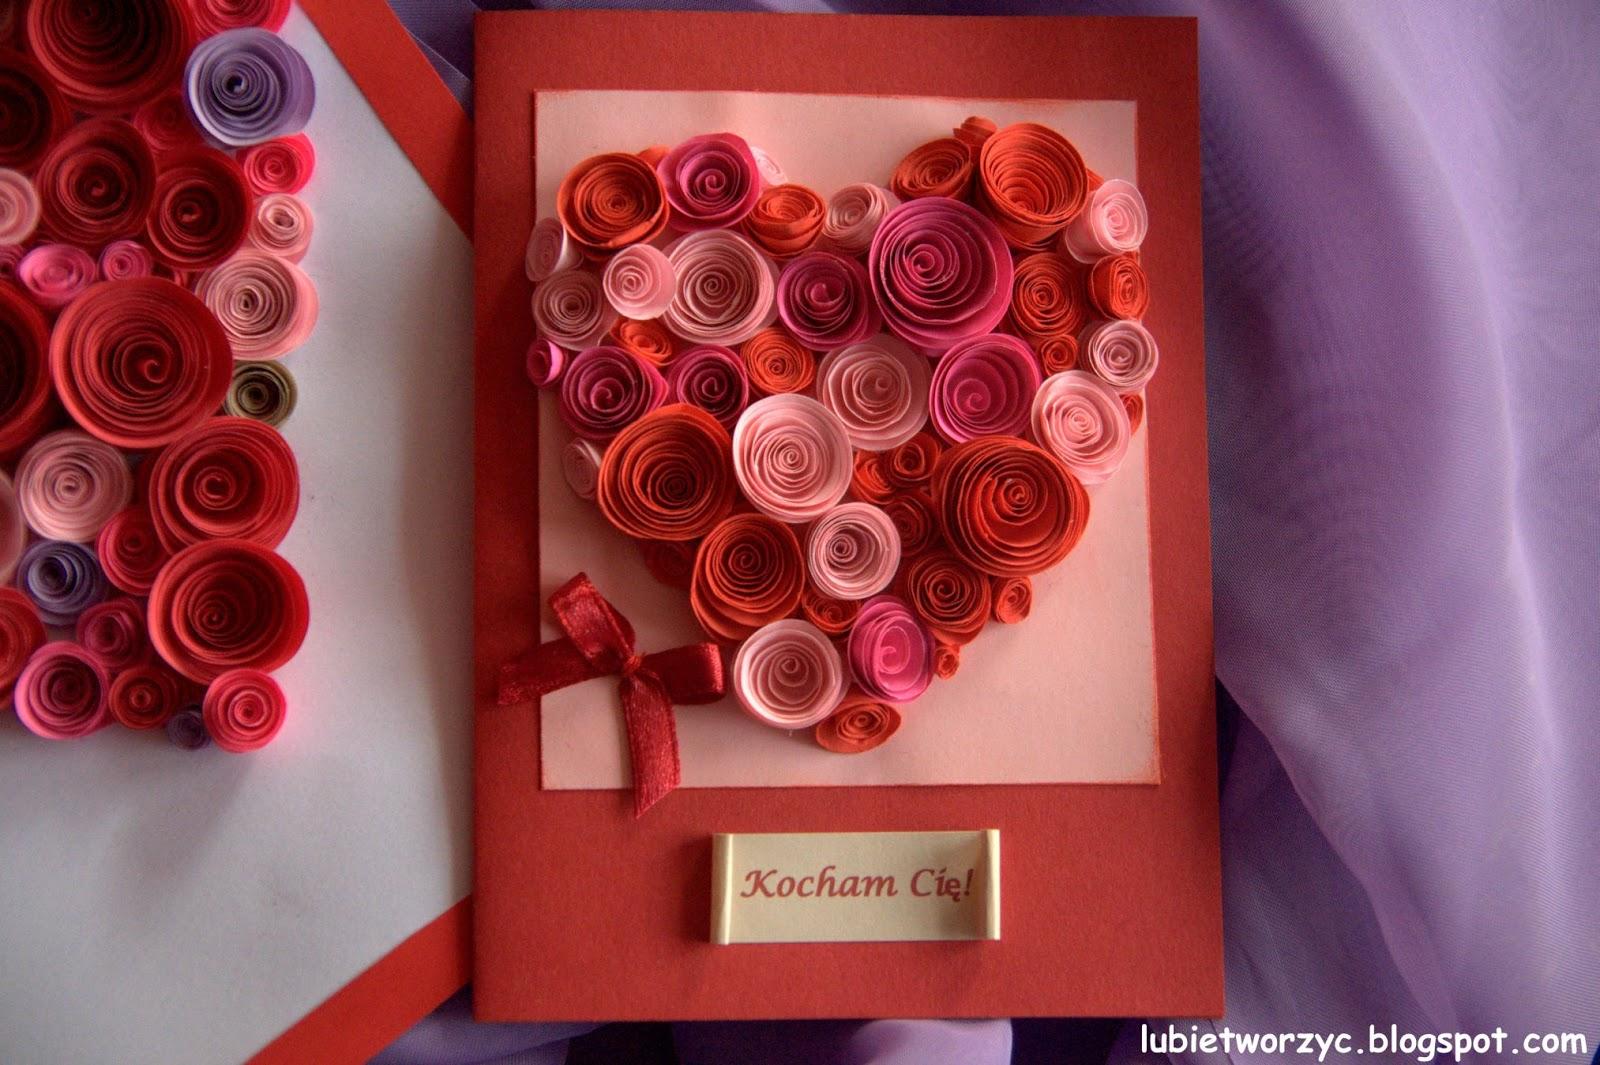 Lubię Tworzyć Handmadeowe Walentynkowe Inspiracje Diy